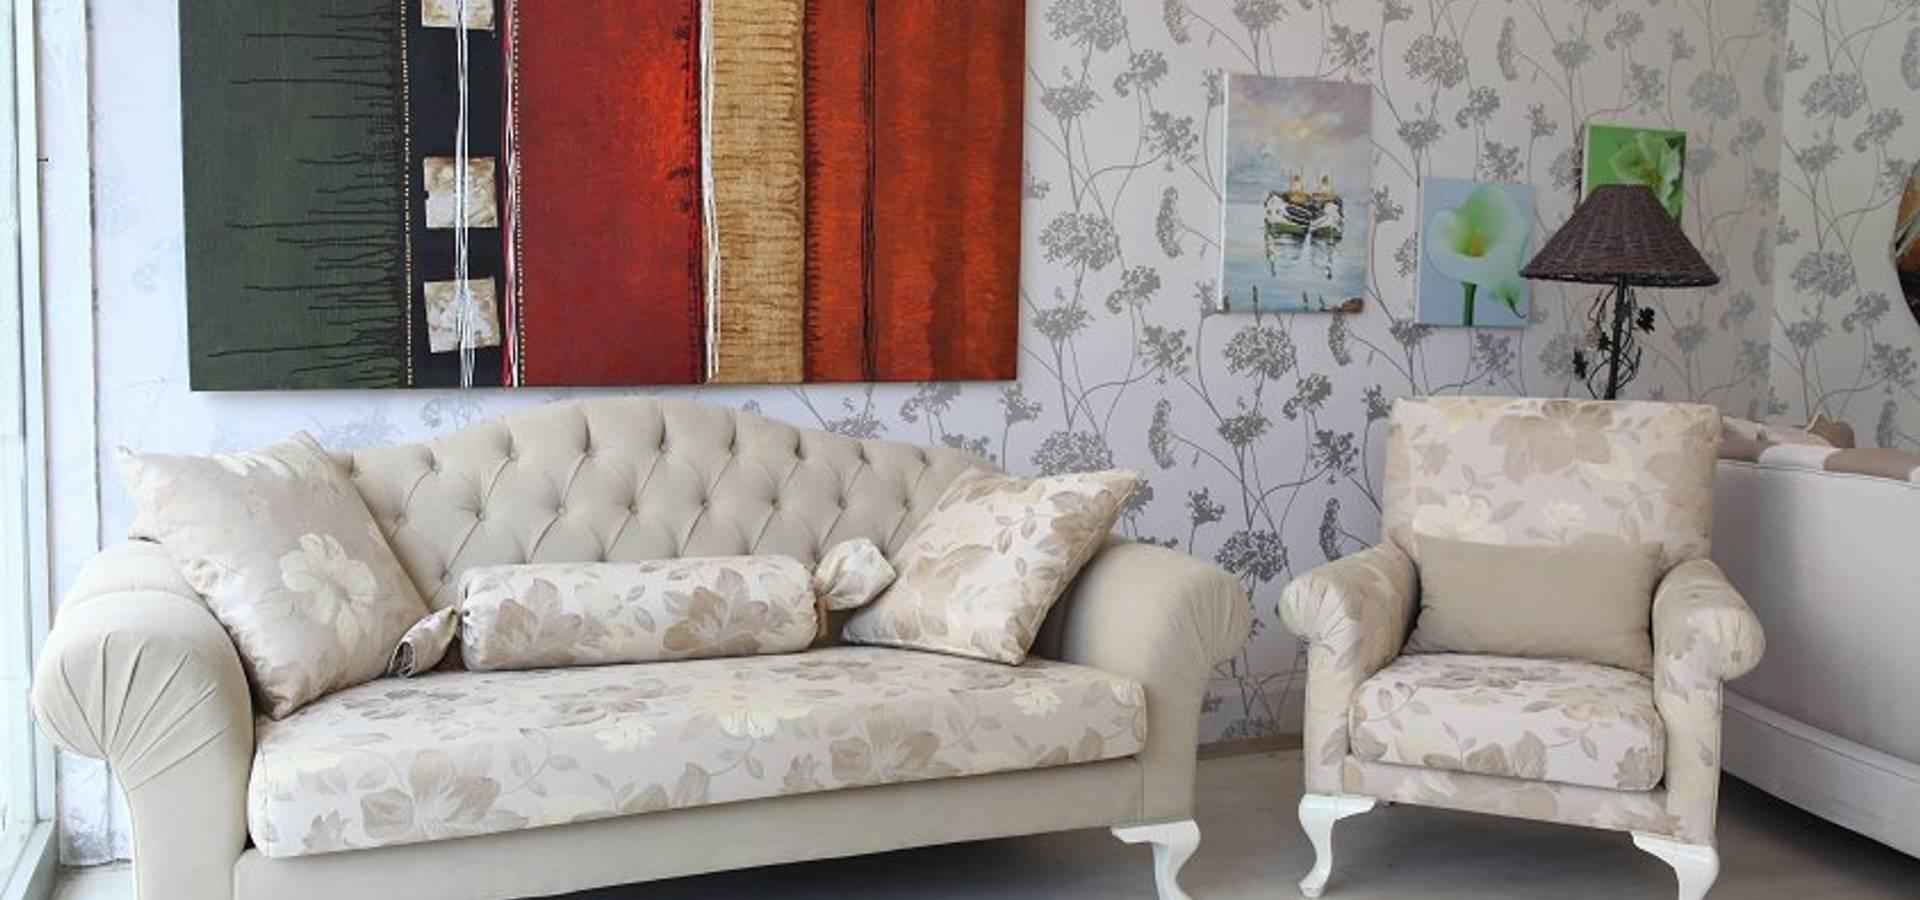 Fluart Mobilya ve Dekorasyon